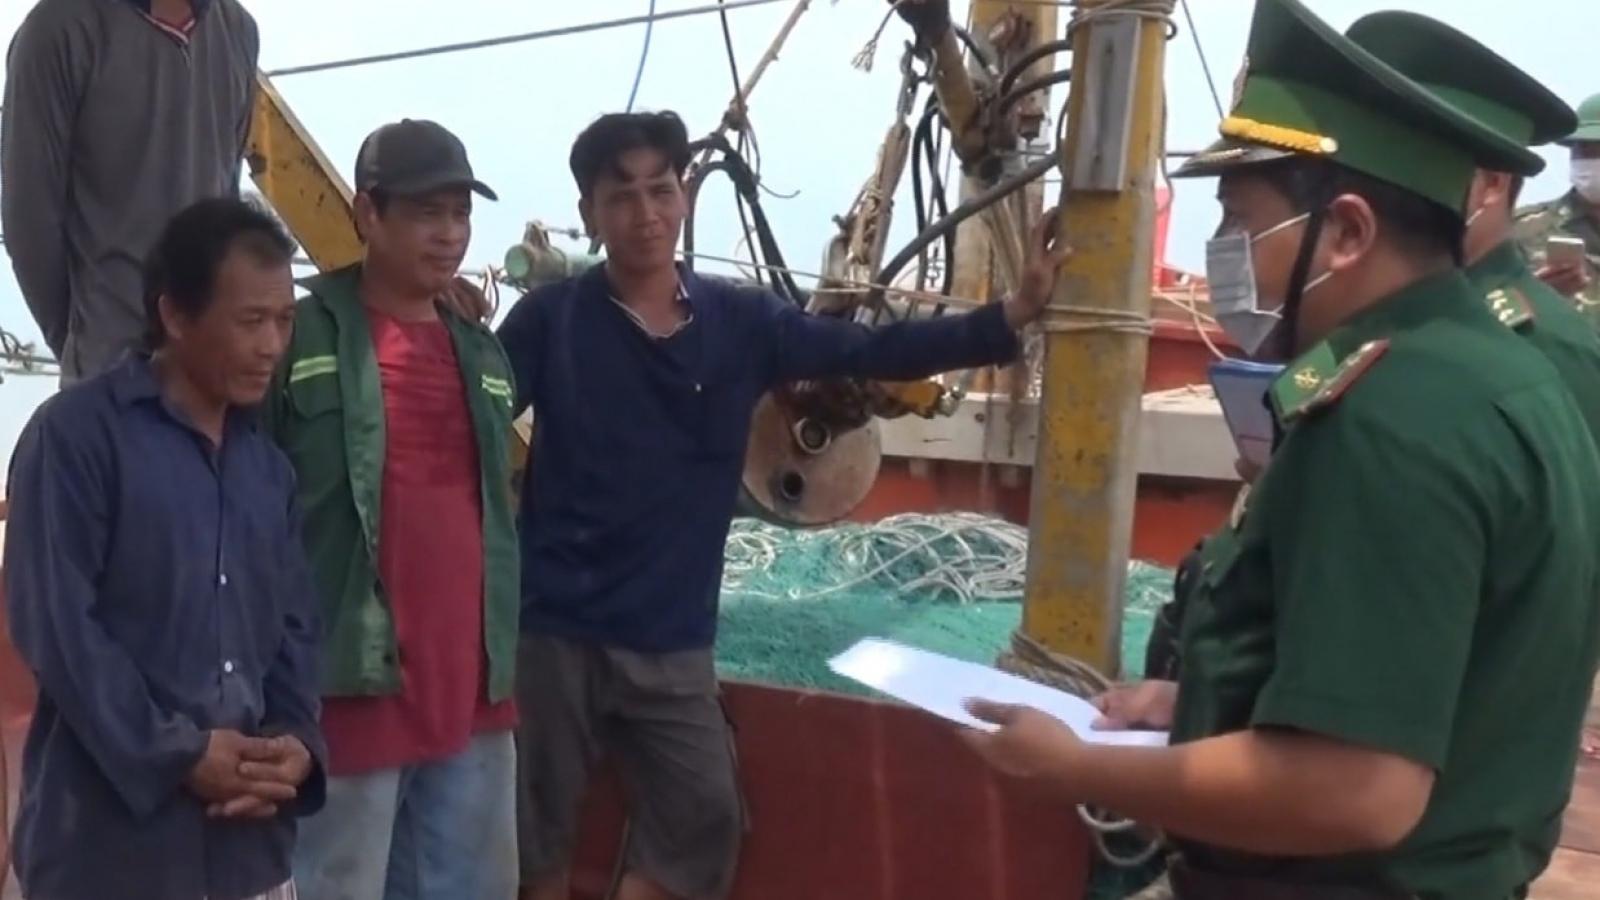 Bộ đội Biên phòng chặn nhập cảnh trái phép bằng đường biển